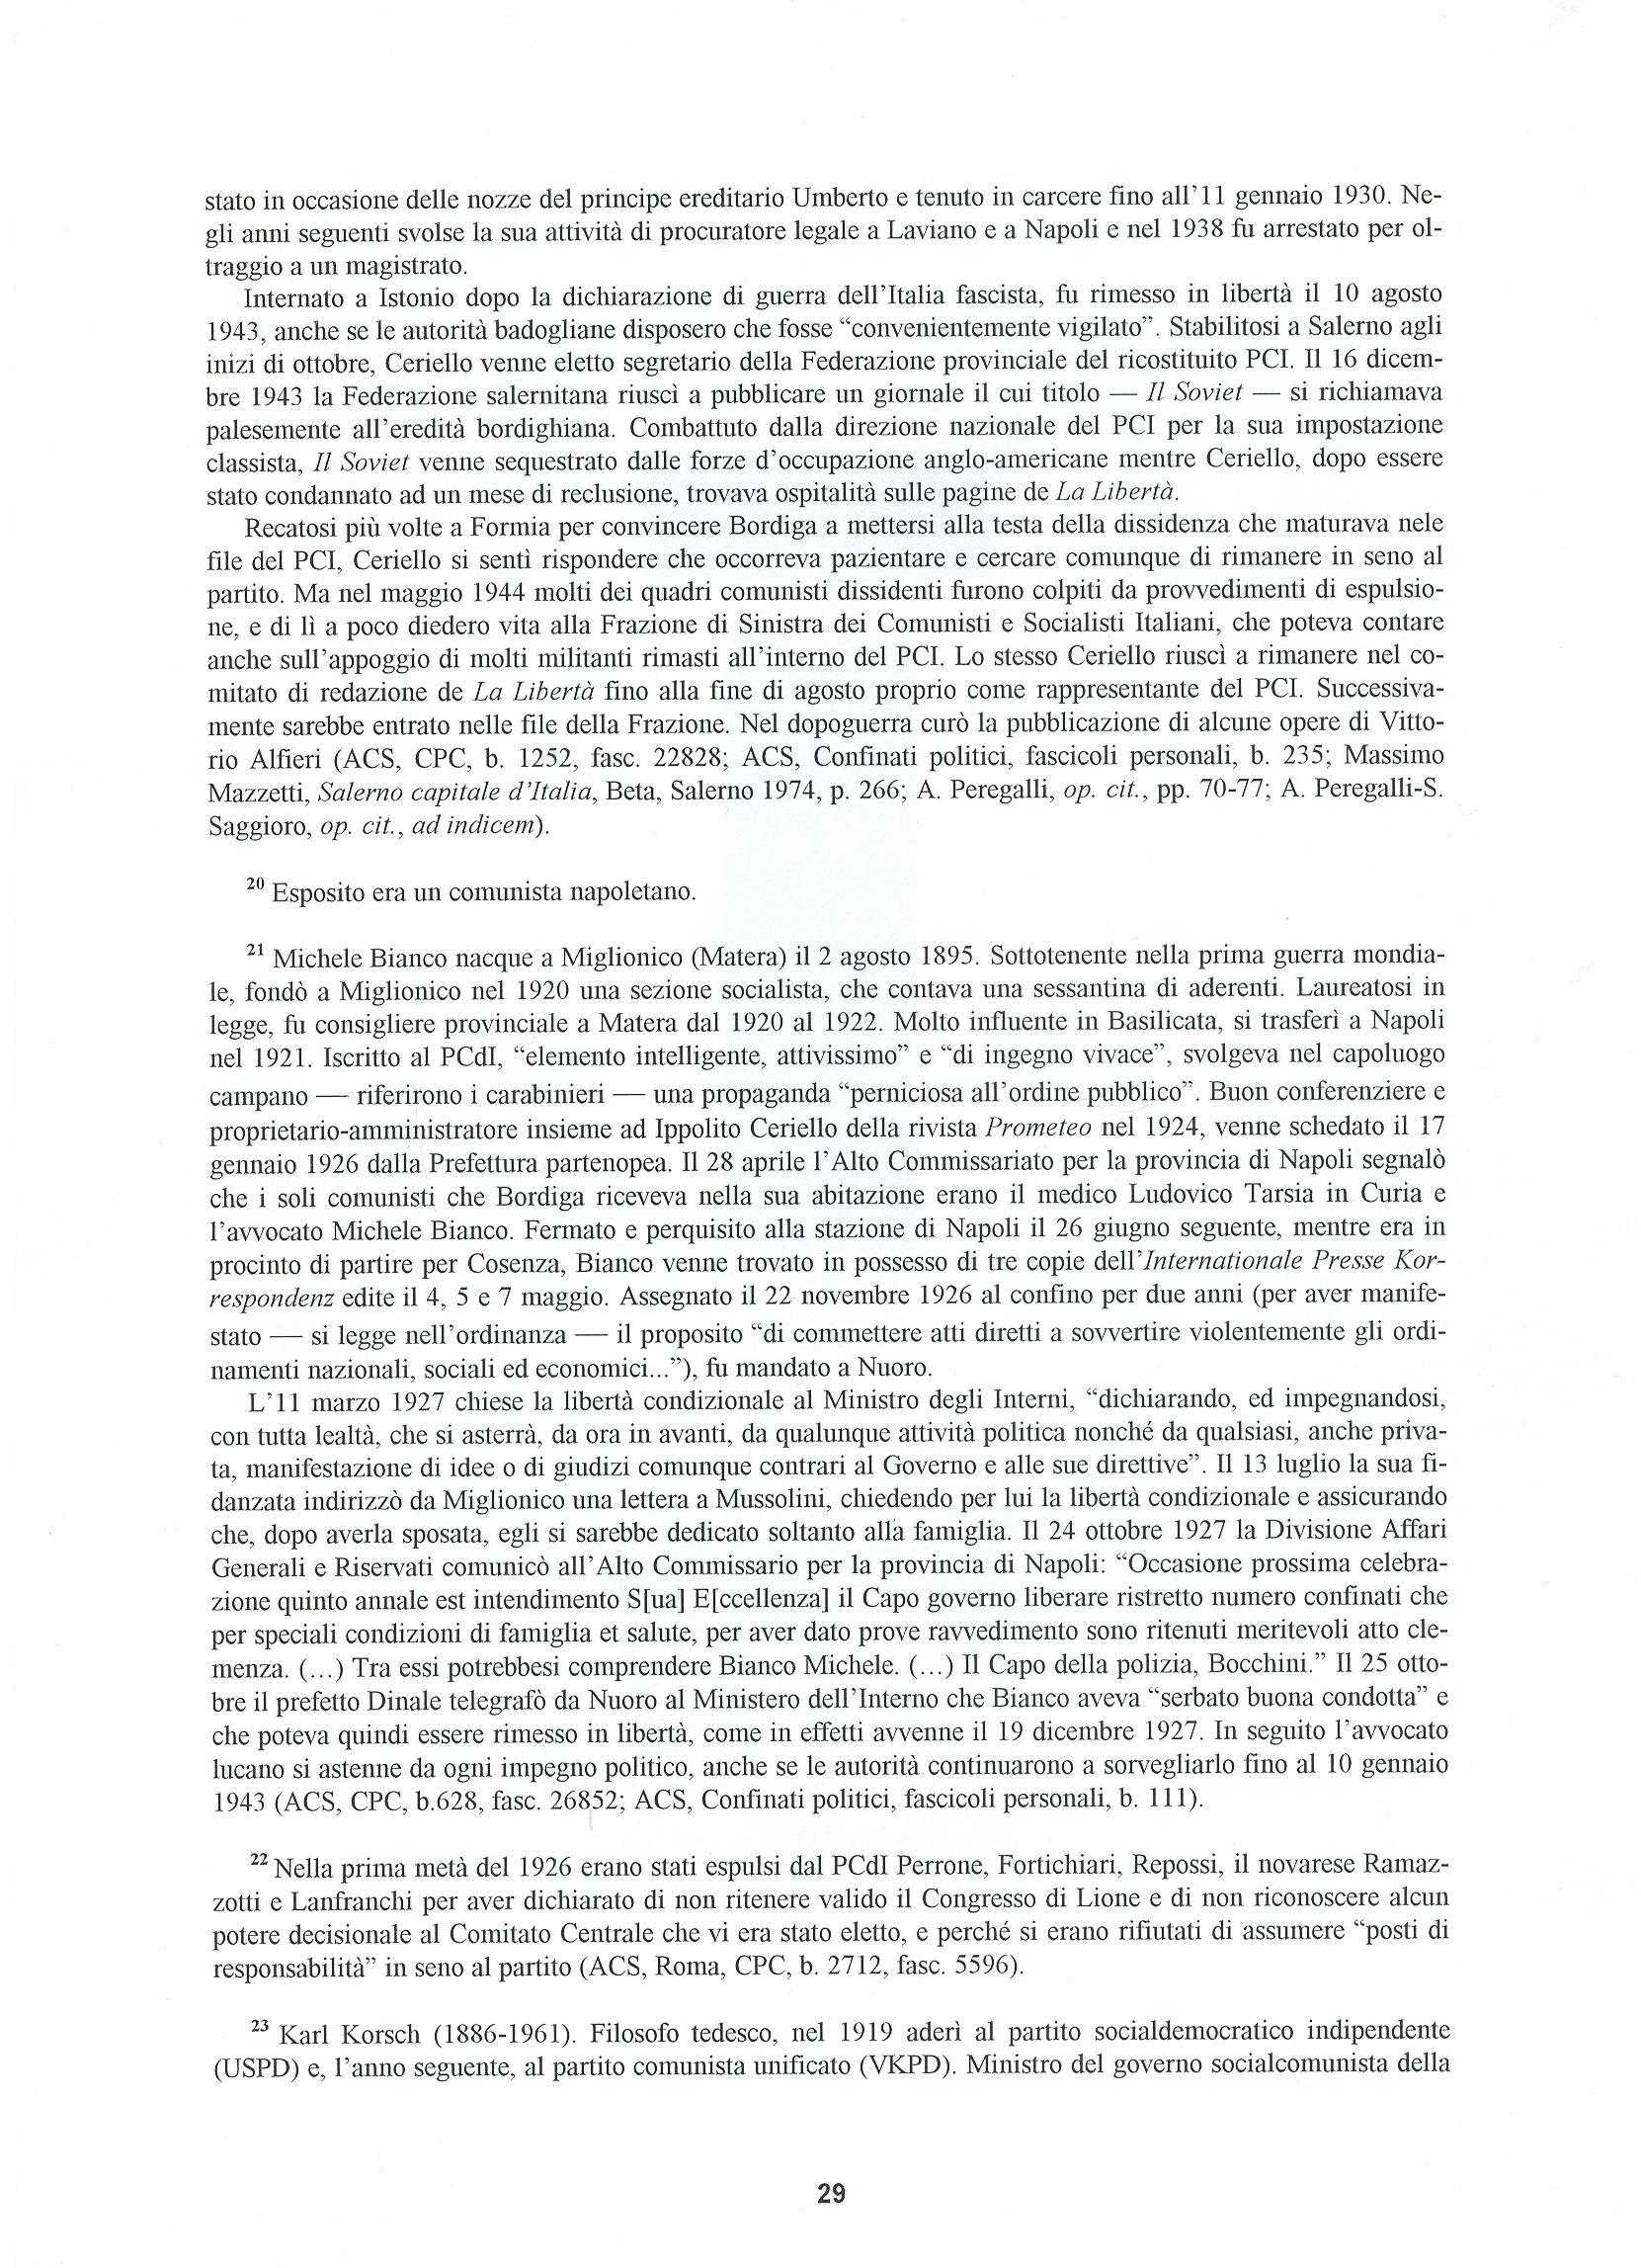 Quaderni del Centro Studi Pietro Tresso (1996-2009) n. 14 (novembre 1998) - pag. 30